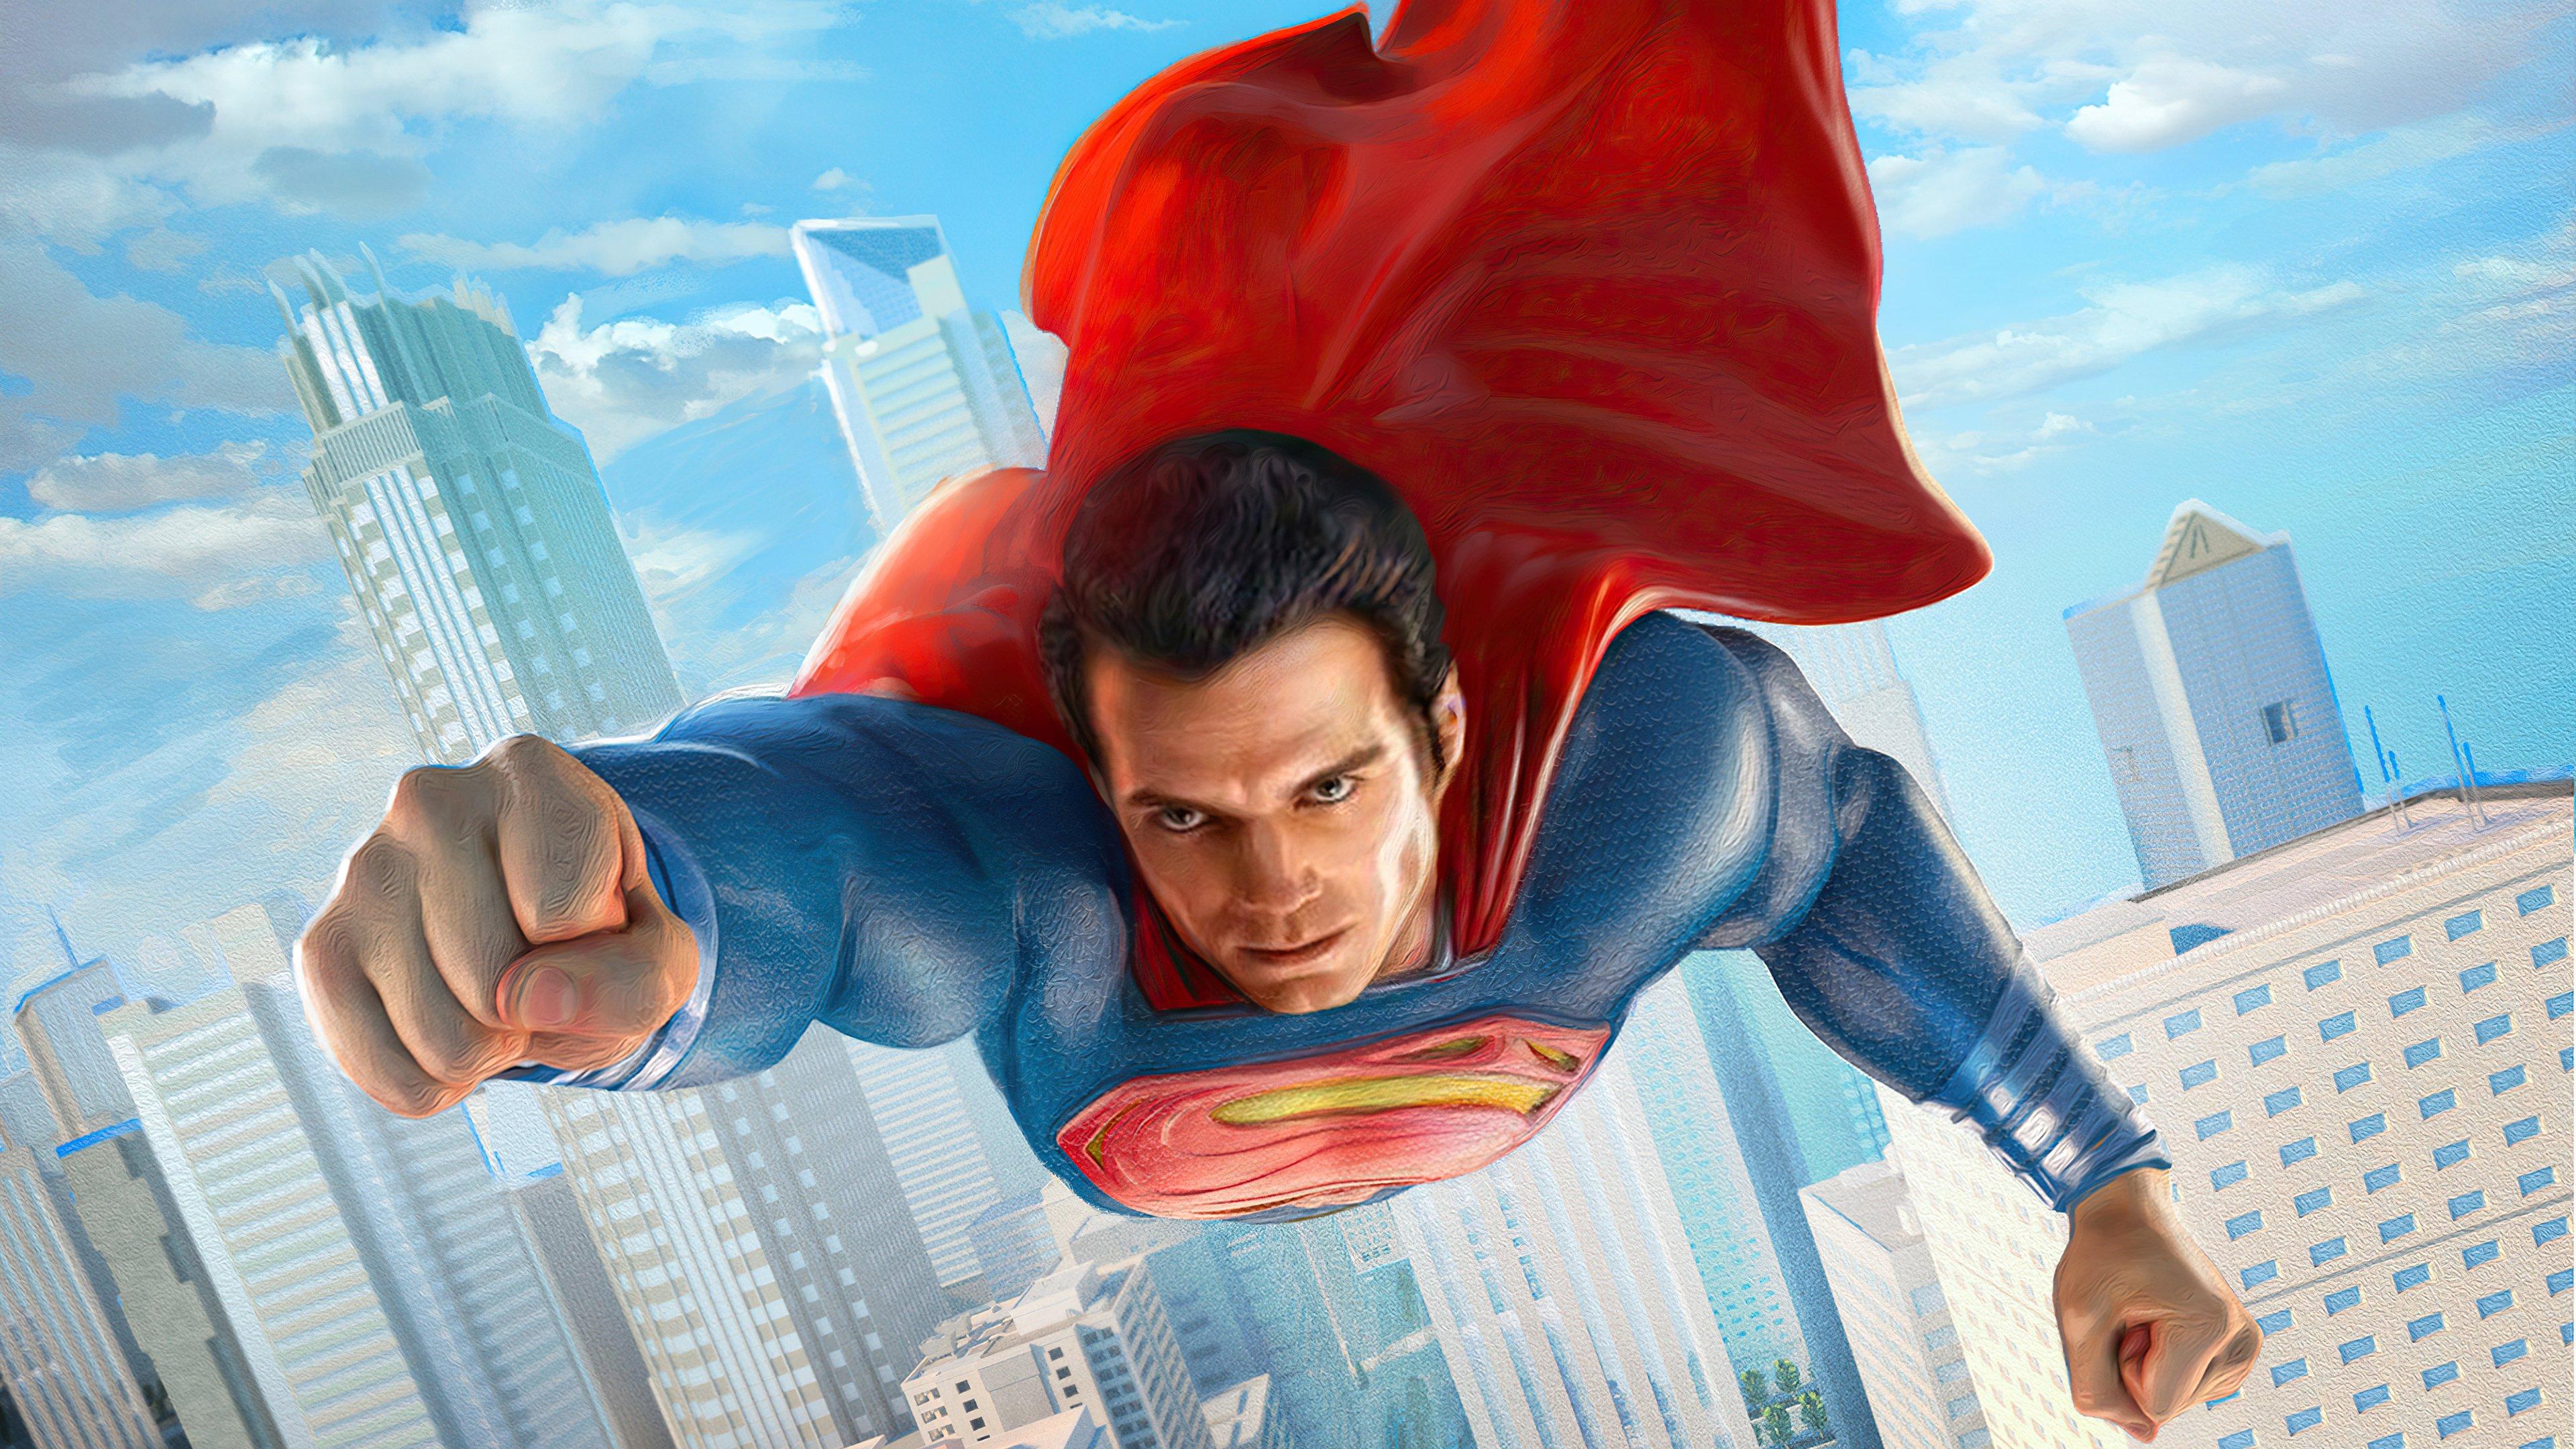 Fondos de pantalla Superman en la ciudad